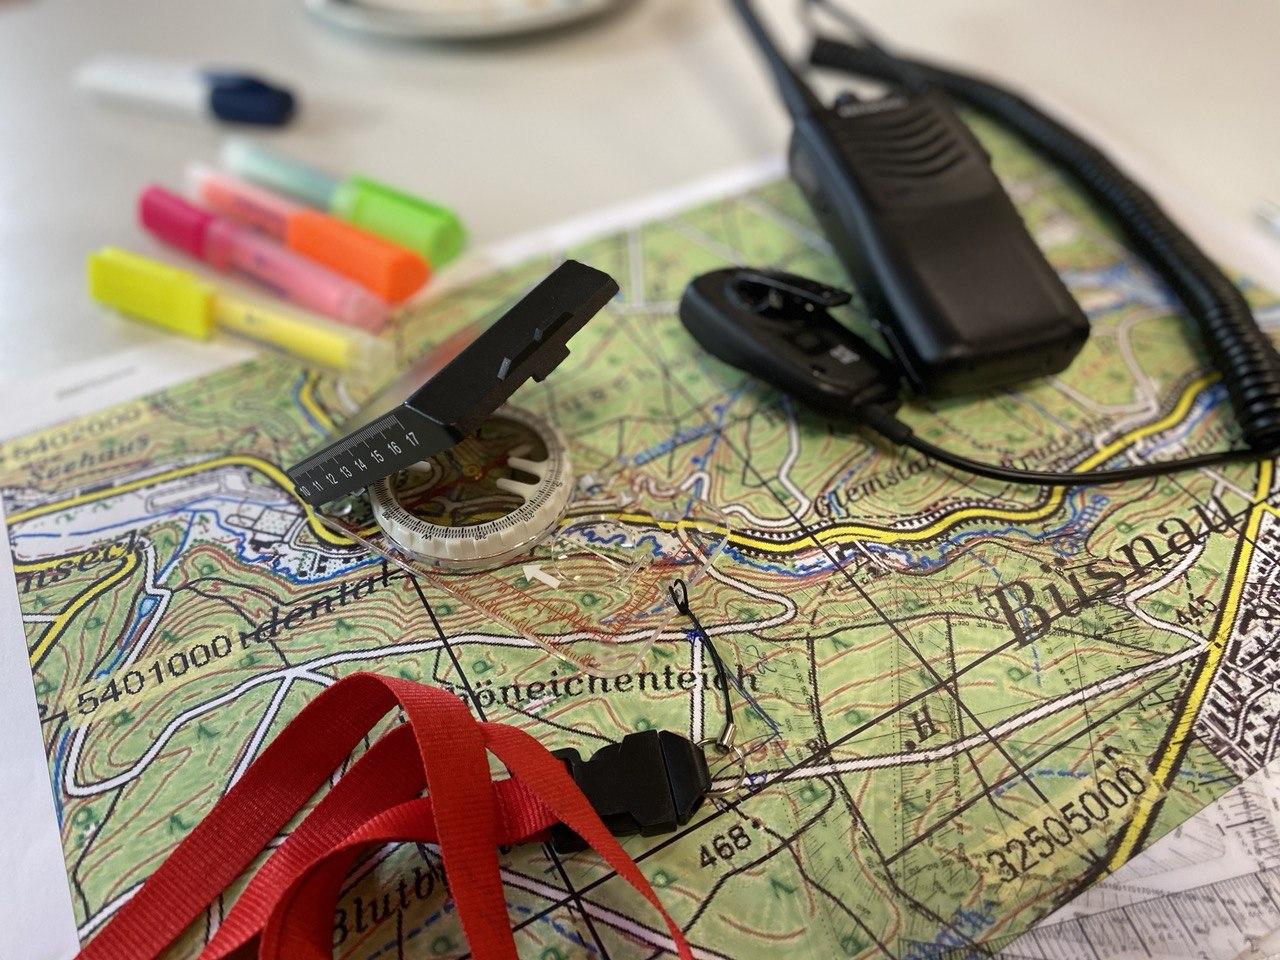 Funkgerät, Karte und Kompass: Die wichtigsten Werkzeuge eines Suchtrupphelfers